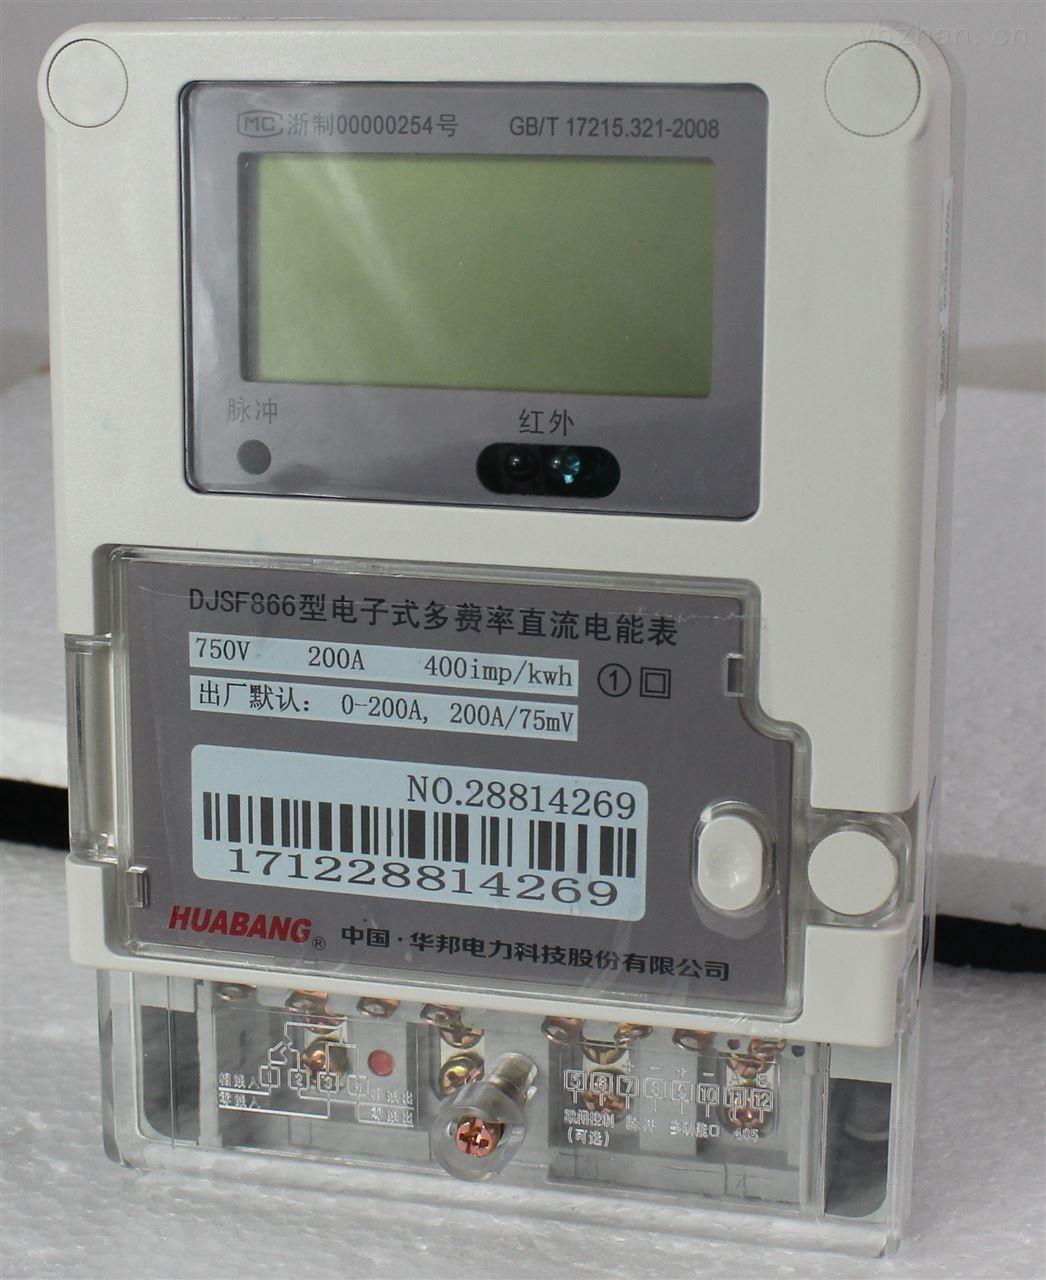 DTSY866-L-单相预付费电能表厂家直销云服务